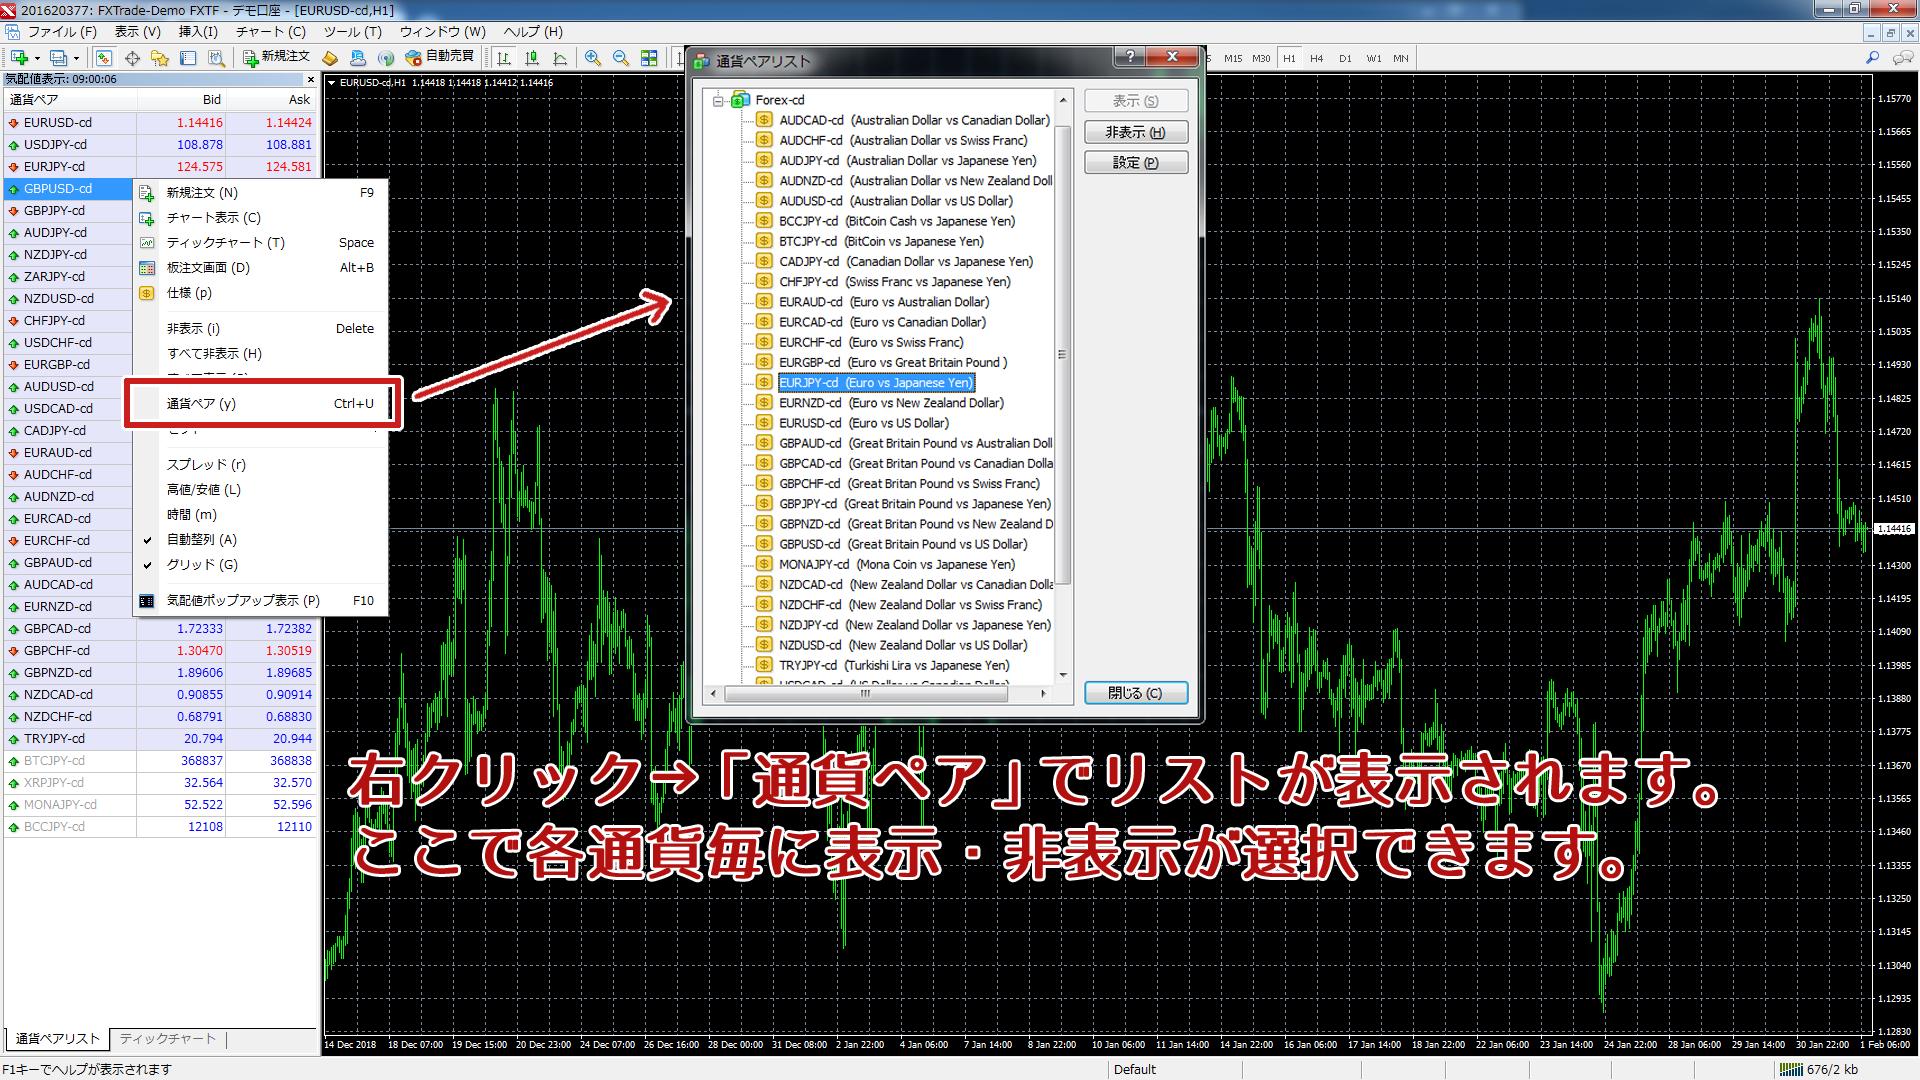 右クリックで表示される「通貨ペア」を選択した画面